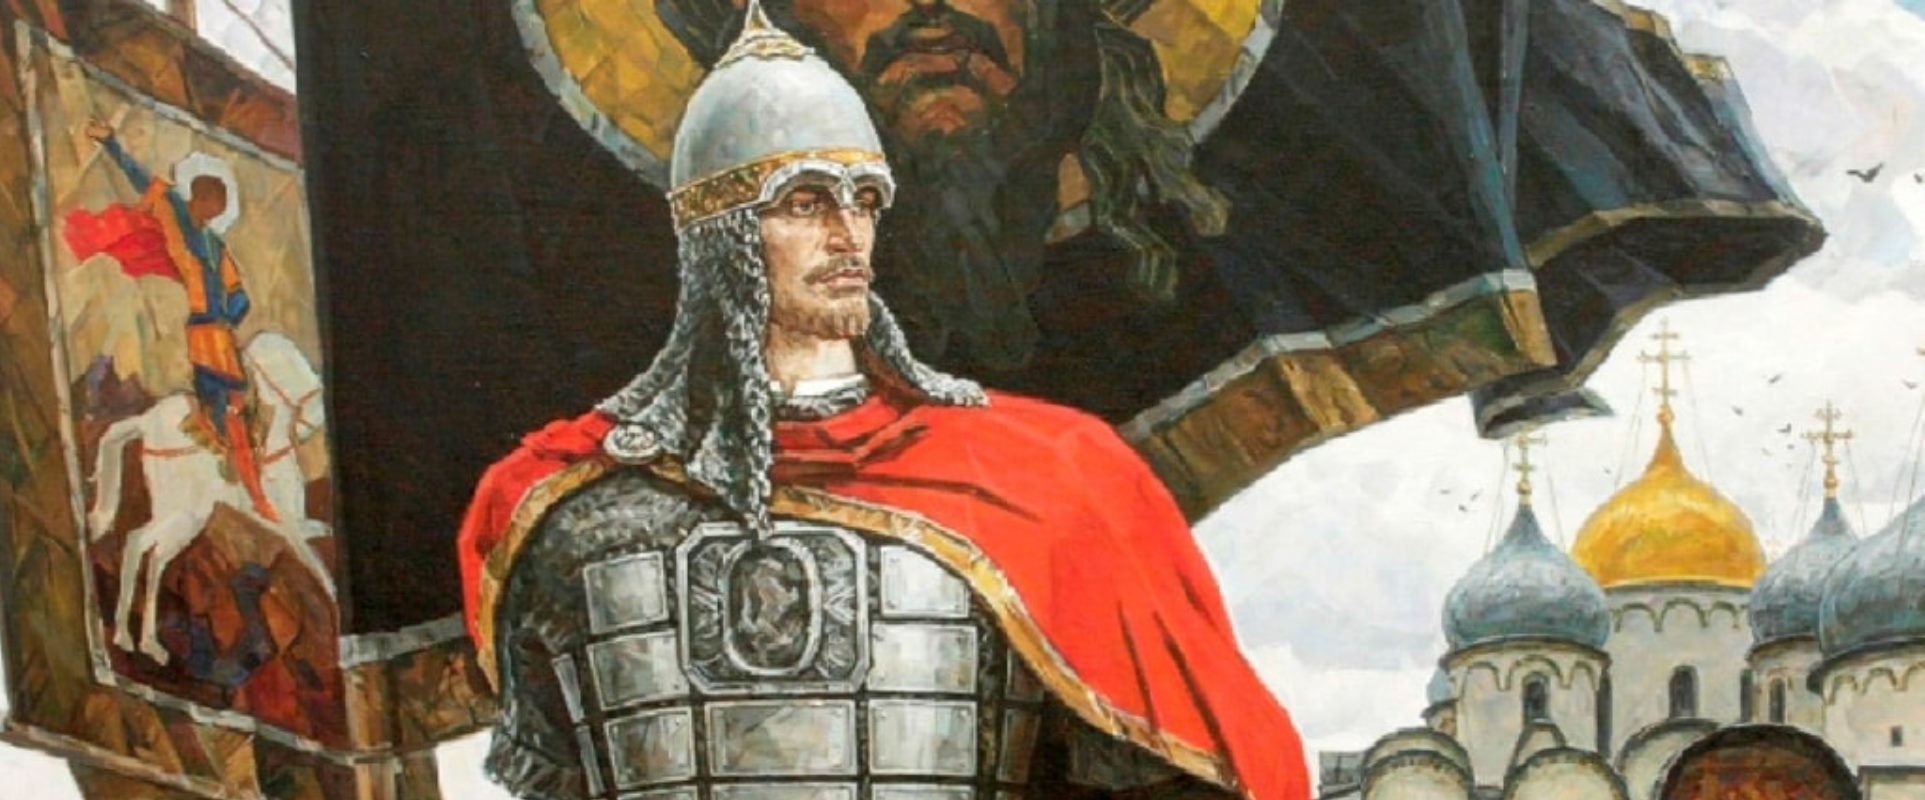 Региональный конкурс молодёжных квестов, посвященных 800 летию памяти св. князя Александра Невского